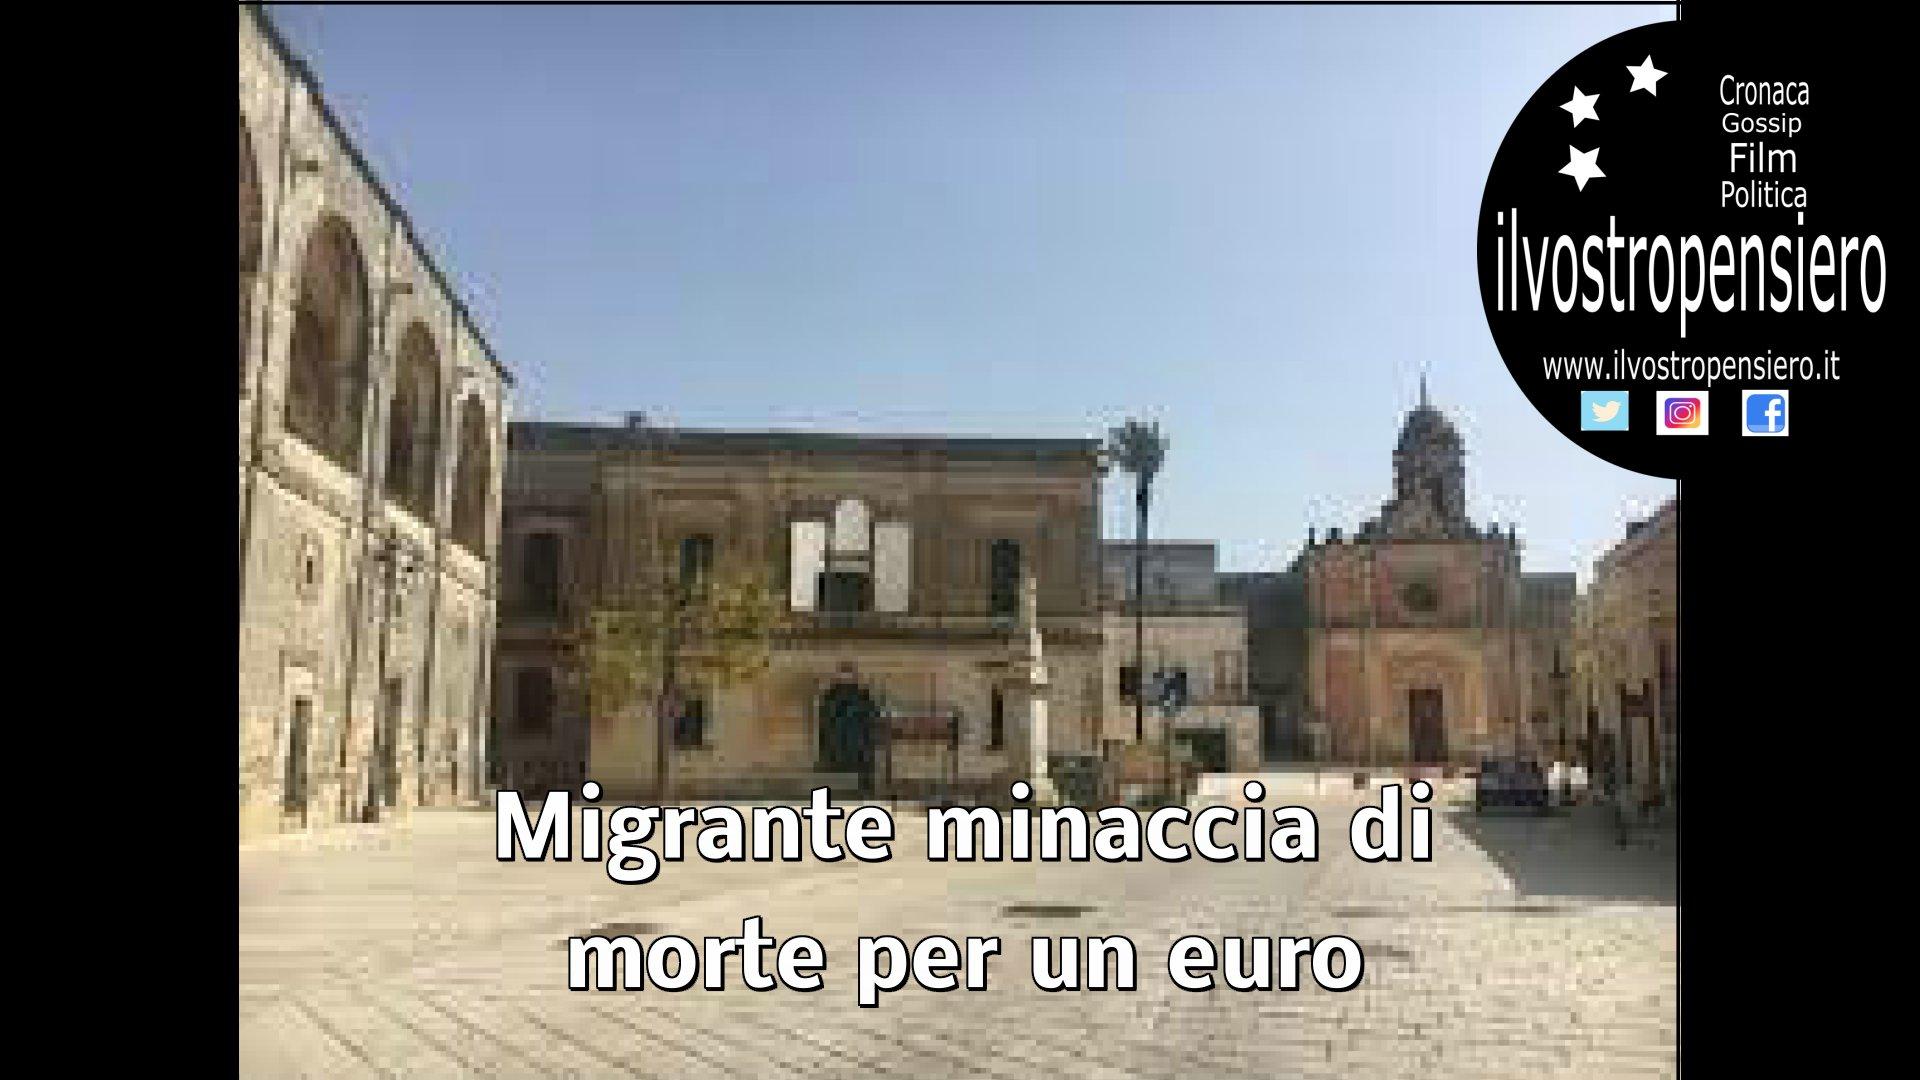 Castiglione D'Otranto: migrante per un euro minaccia di morte